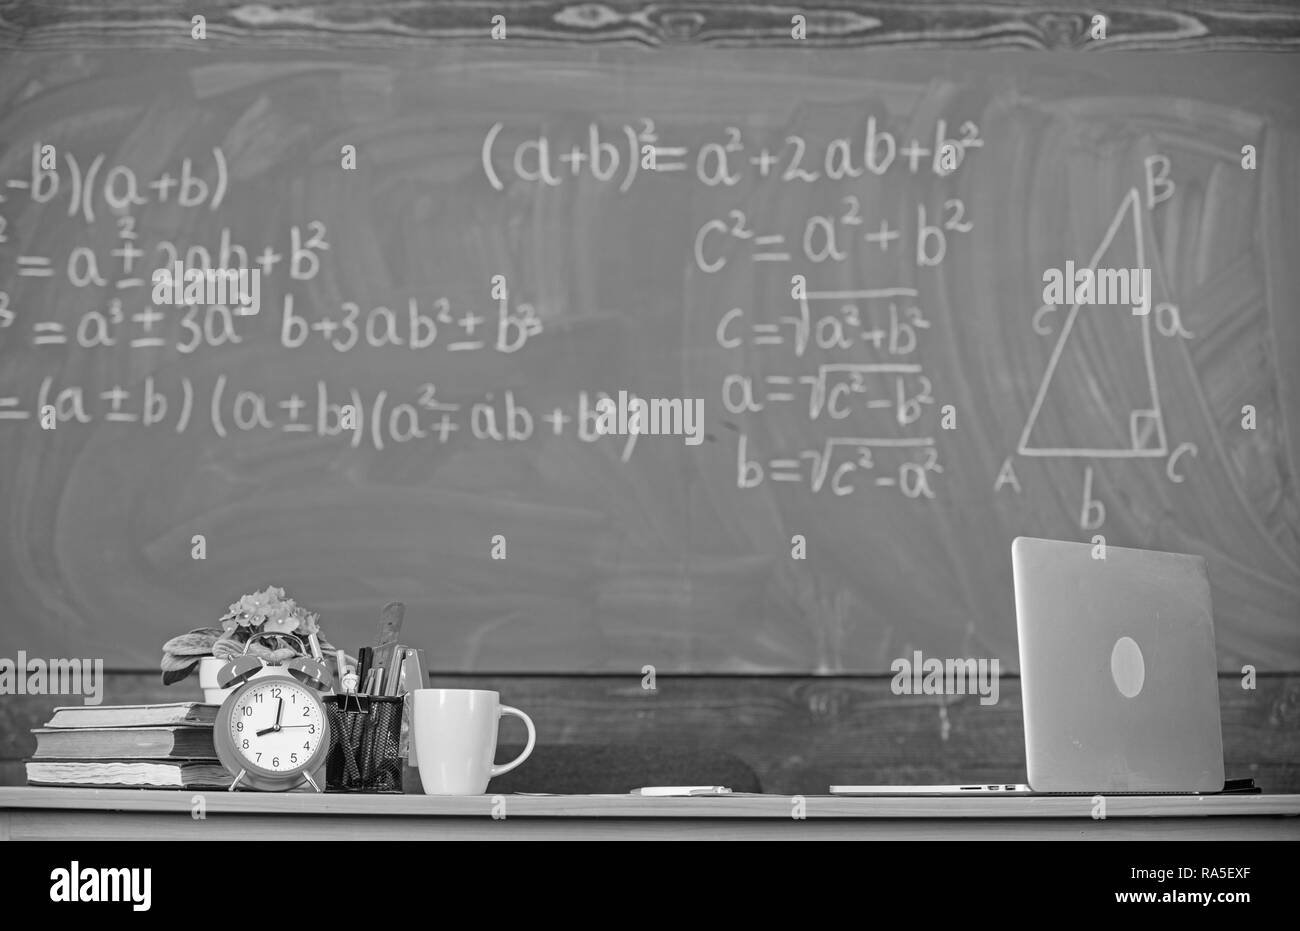 Les enseignants des attributs. Table avec des fournitures scolaires réveil livres et mug tableau classe arrière-plan. Conditions de travail que les futurs enseignants doivent tenir compte. Les enseignants traditionnels de travail. Banque D'Images